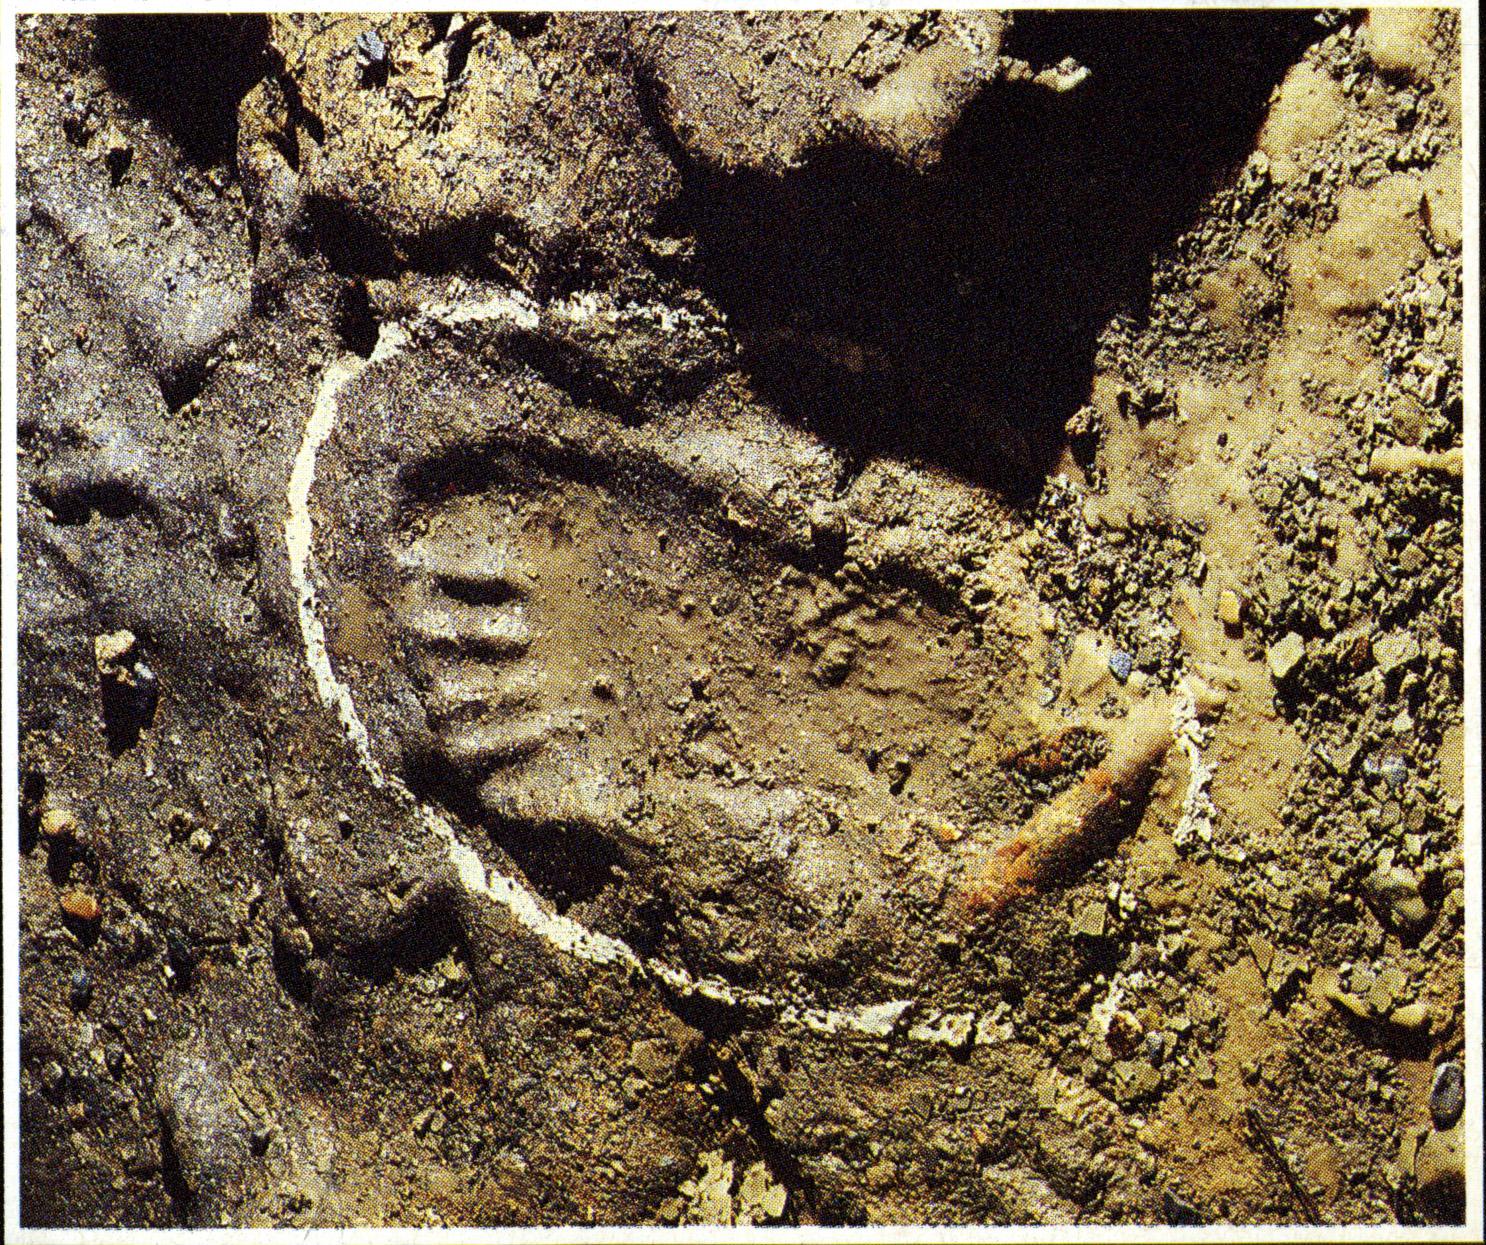 Impronta di piede nel fangp da Homo Neanderthal. Grotta di Toirano, Savona